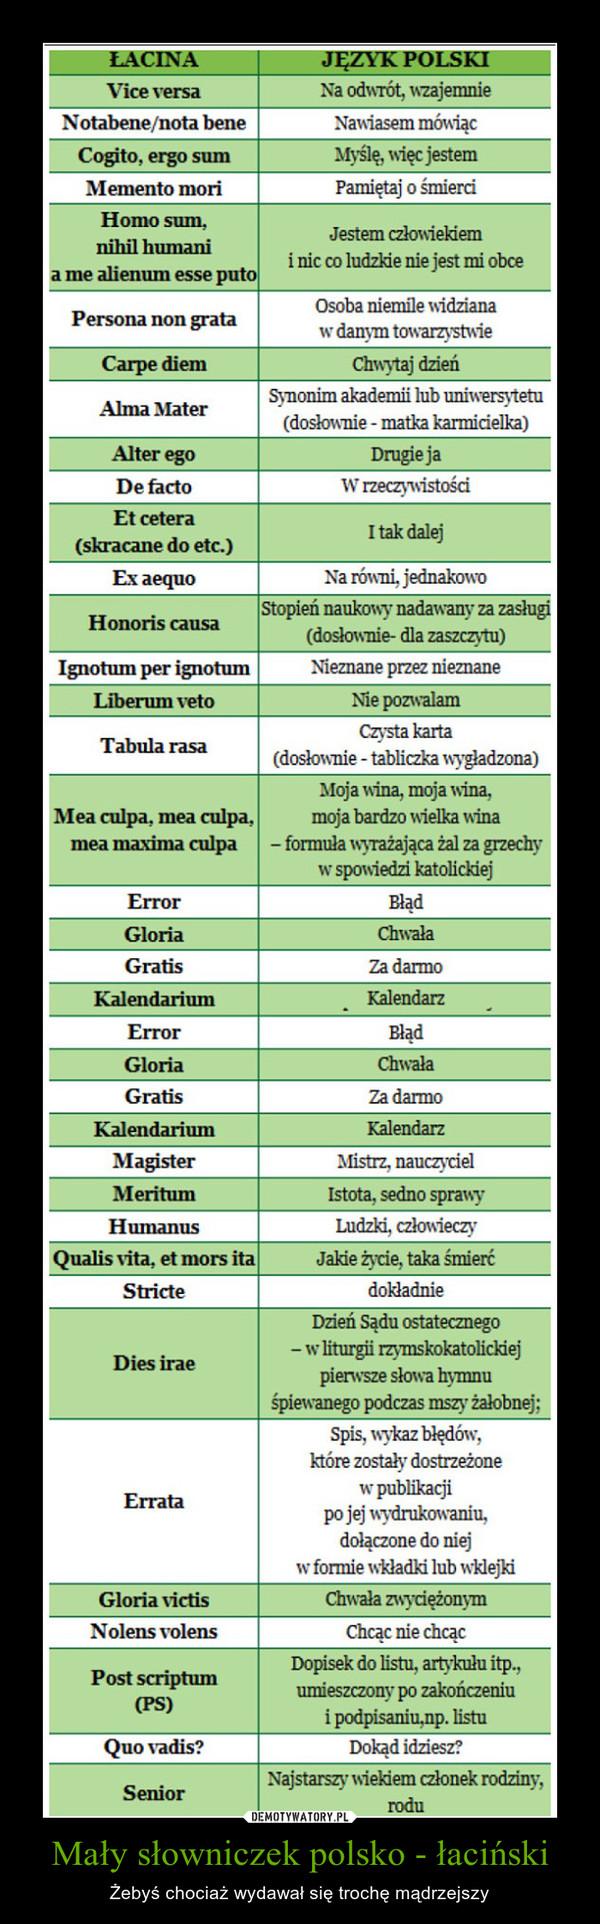 Mały słowniczek polsko - łaciński – Żebyś chociaż wydawał się trochę mądrzejszy